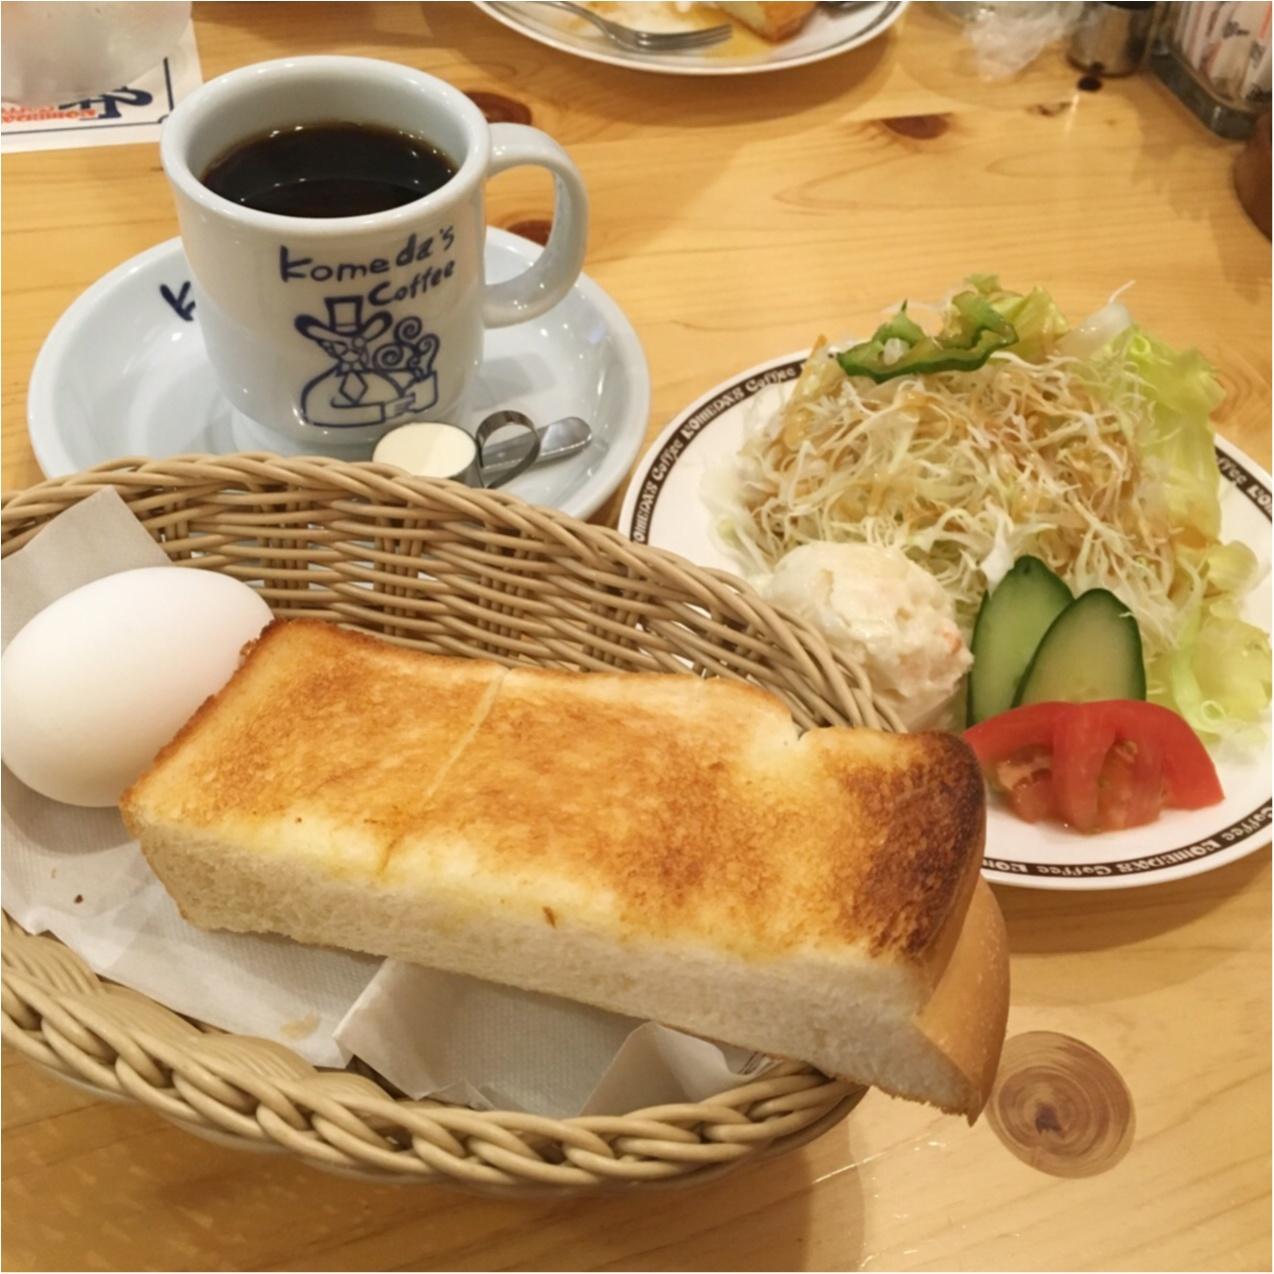 朝カフェしちゃおう♡《 コメダ珈琲 》のモーニングが美味しくてお得♡_6